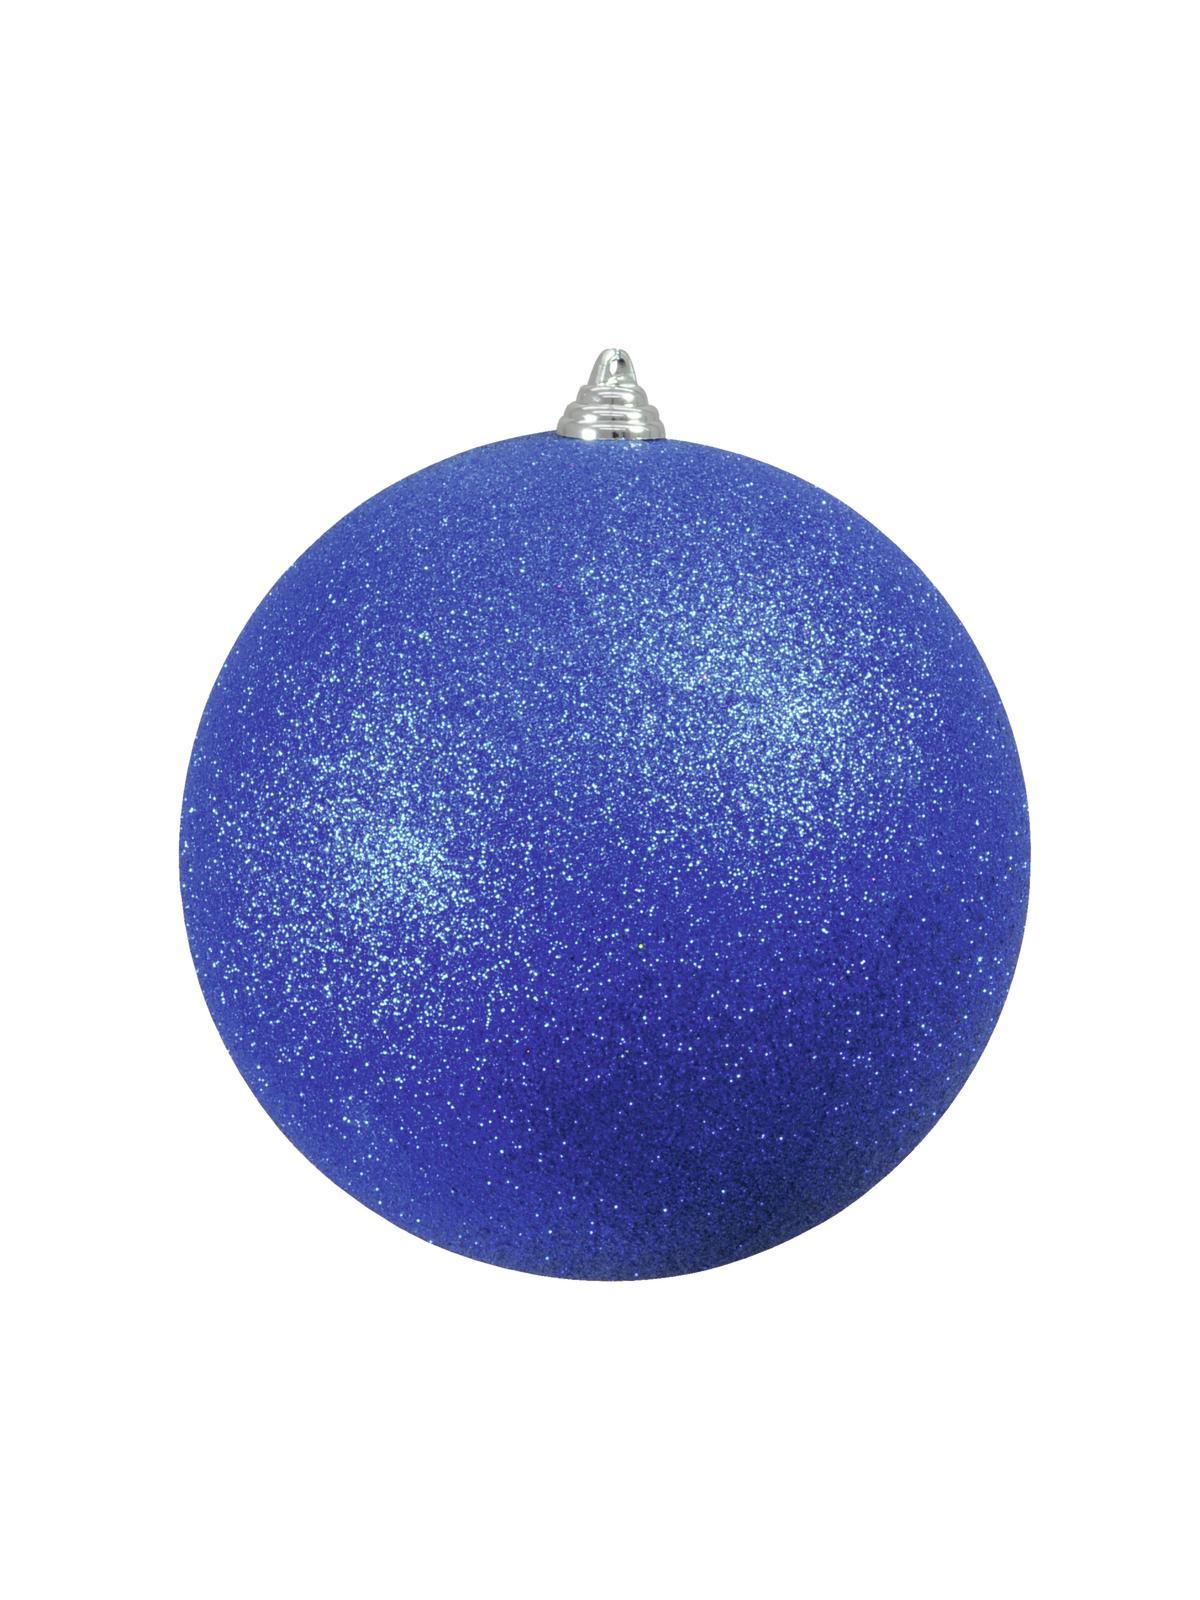 Vánoční dekorační ozdoba, 20 cm, modrá se třpytkami, 1 ks